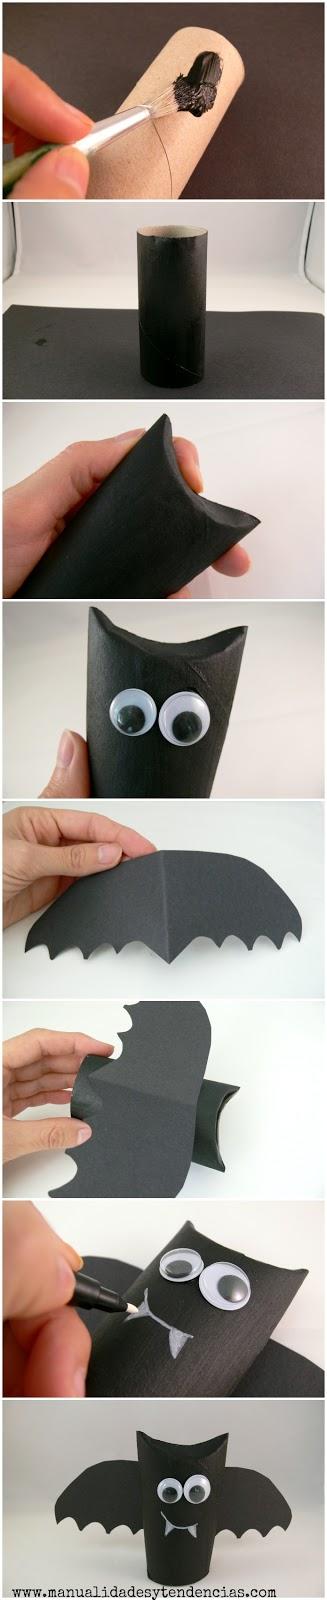 Cómo hacer un murciélago con rollos de papel higiénico